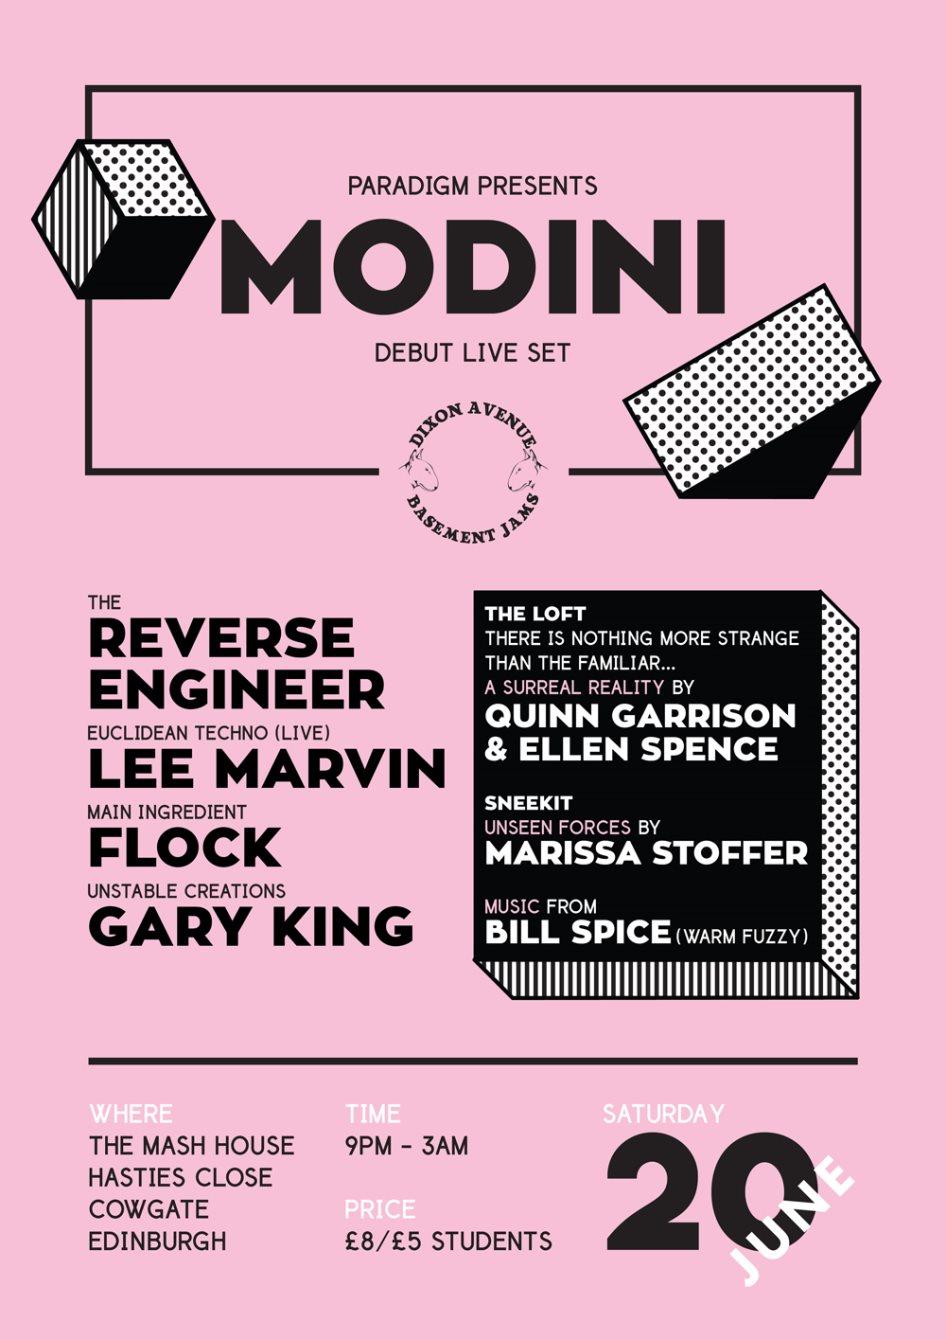 Paradigm - Modini Debut Live Set - Flyer front